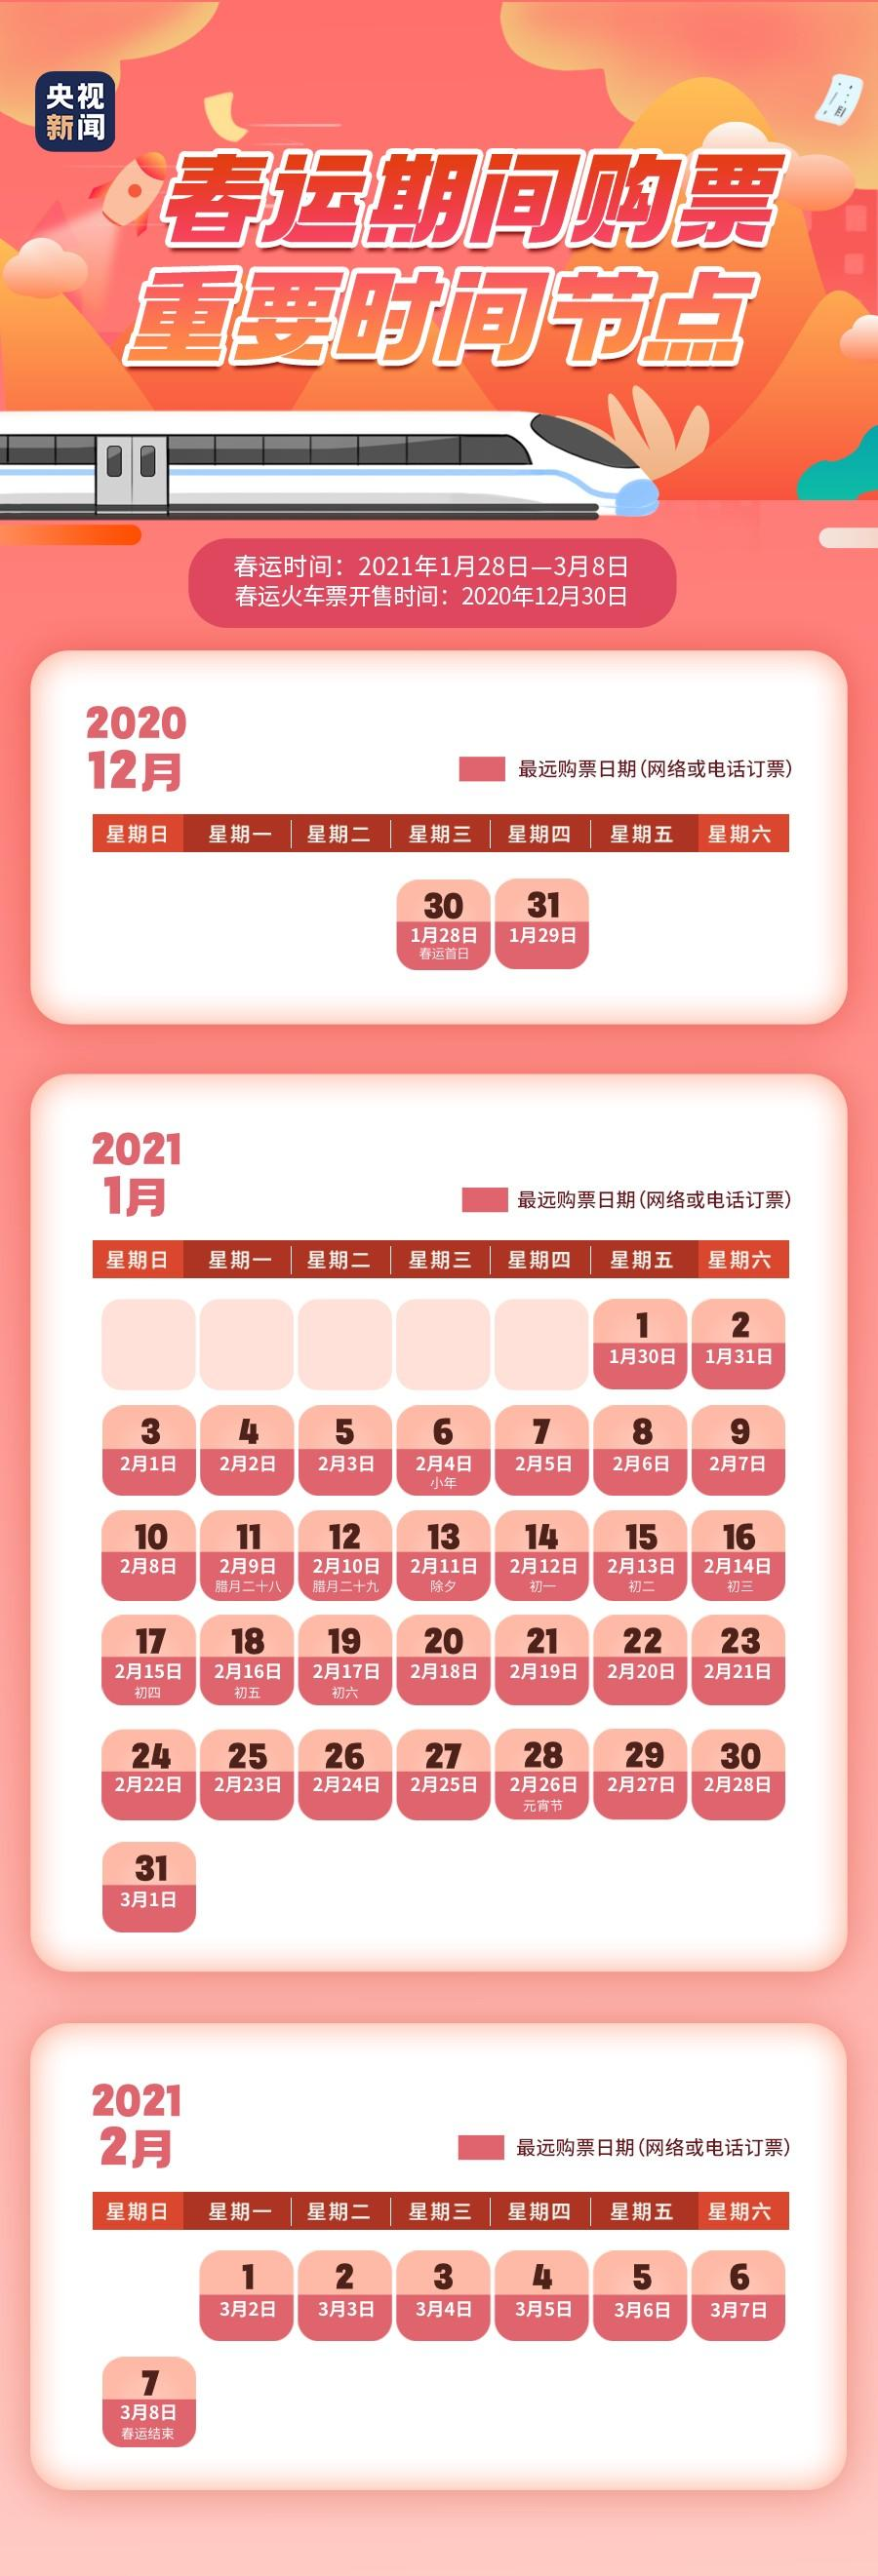 2021年春运火车票明天开抢!2021春运购票攻略来了!